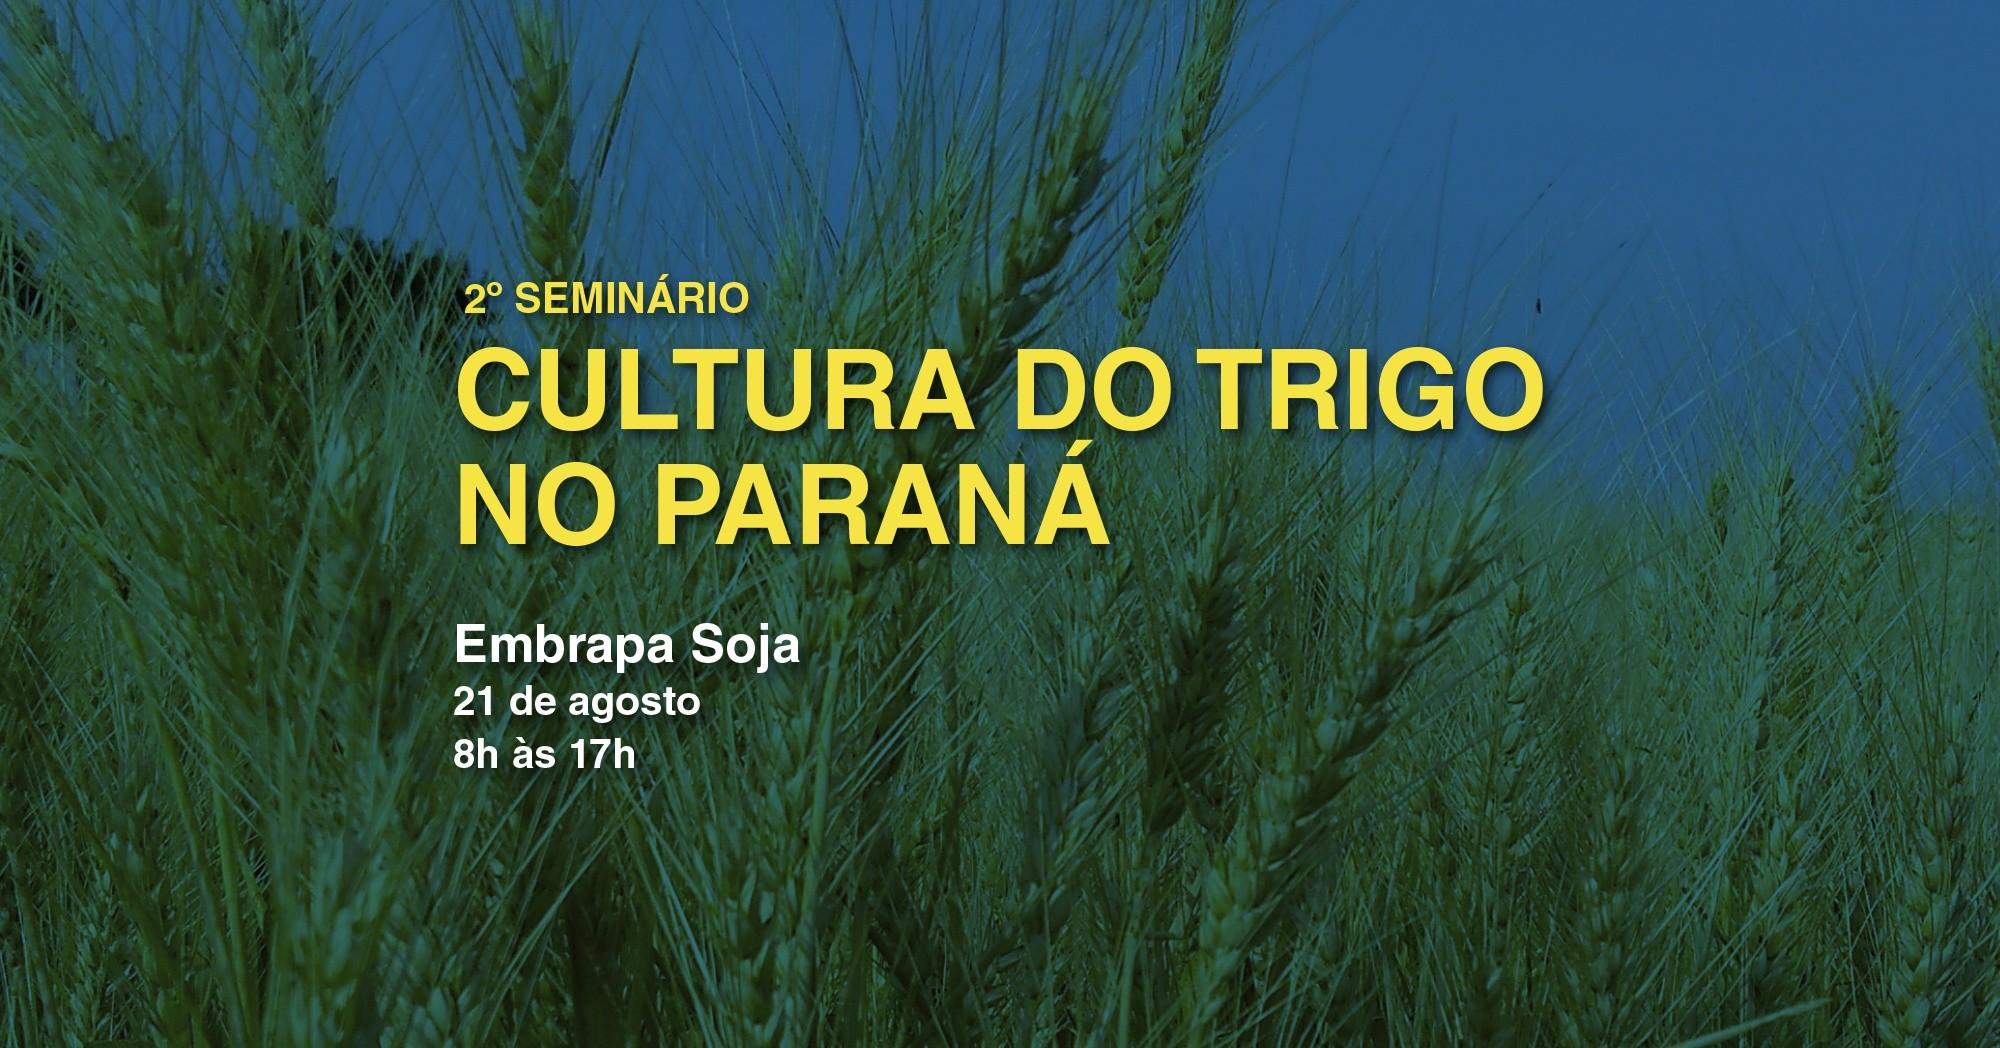 2º Seminário da Cultura do Trigo no Paraná será dia 21 de agosto, em Londrina